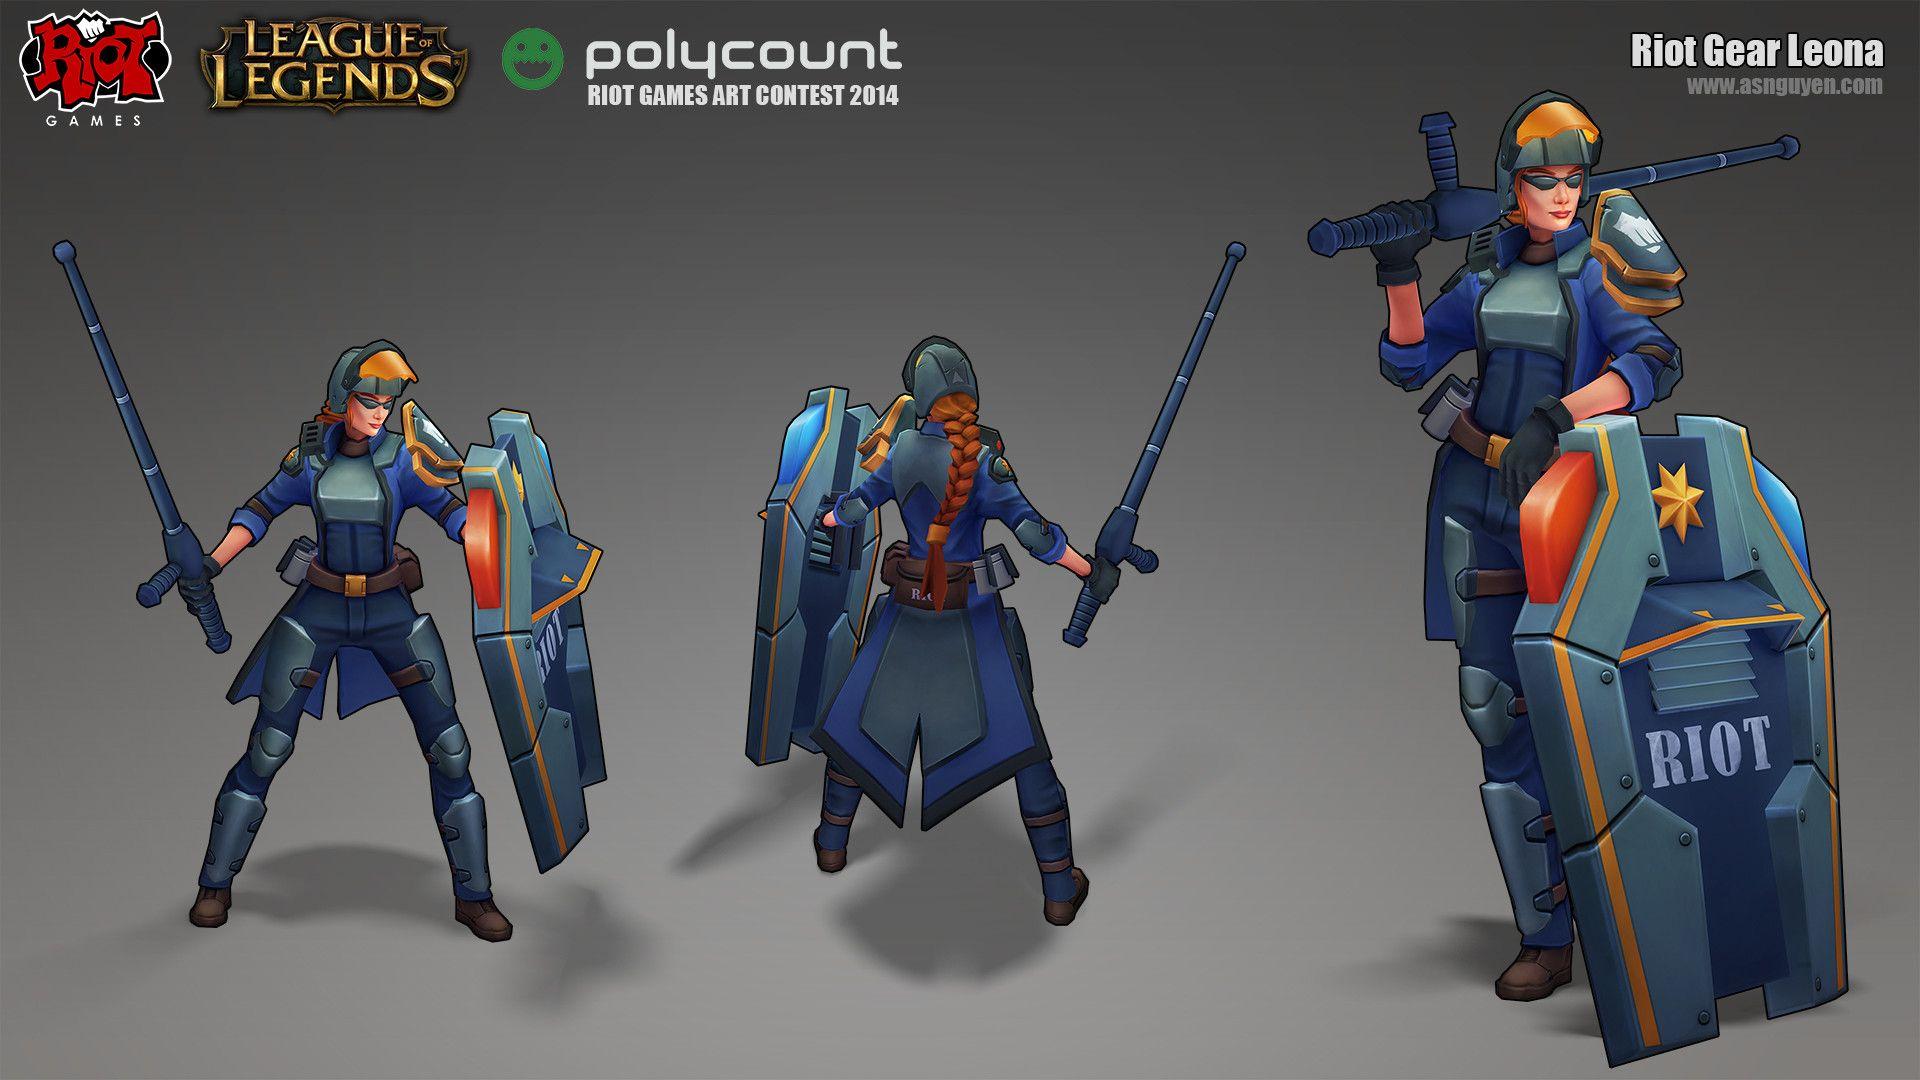 Riot Leona League Of Legends Skin Concept By Alex Nguyen League